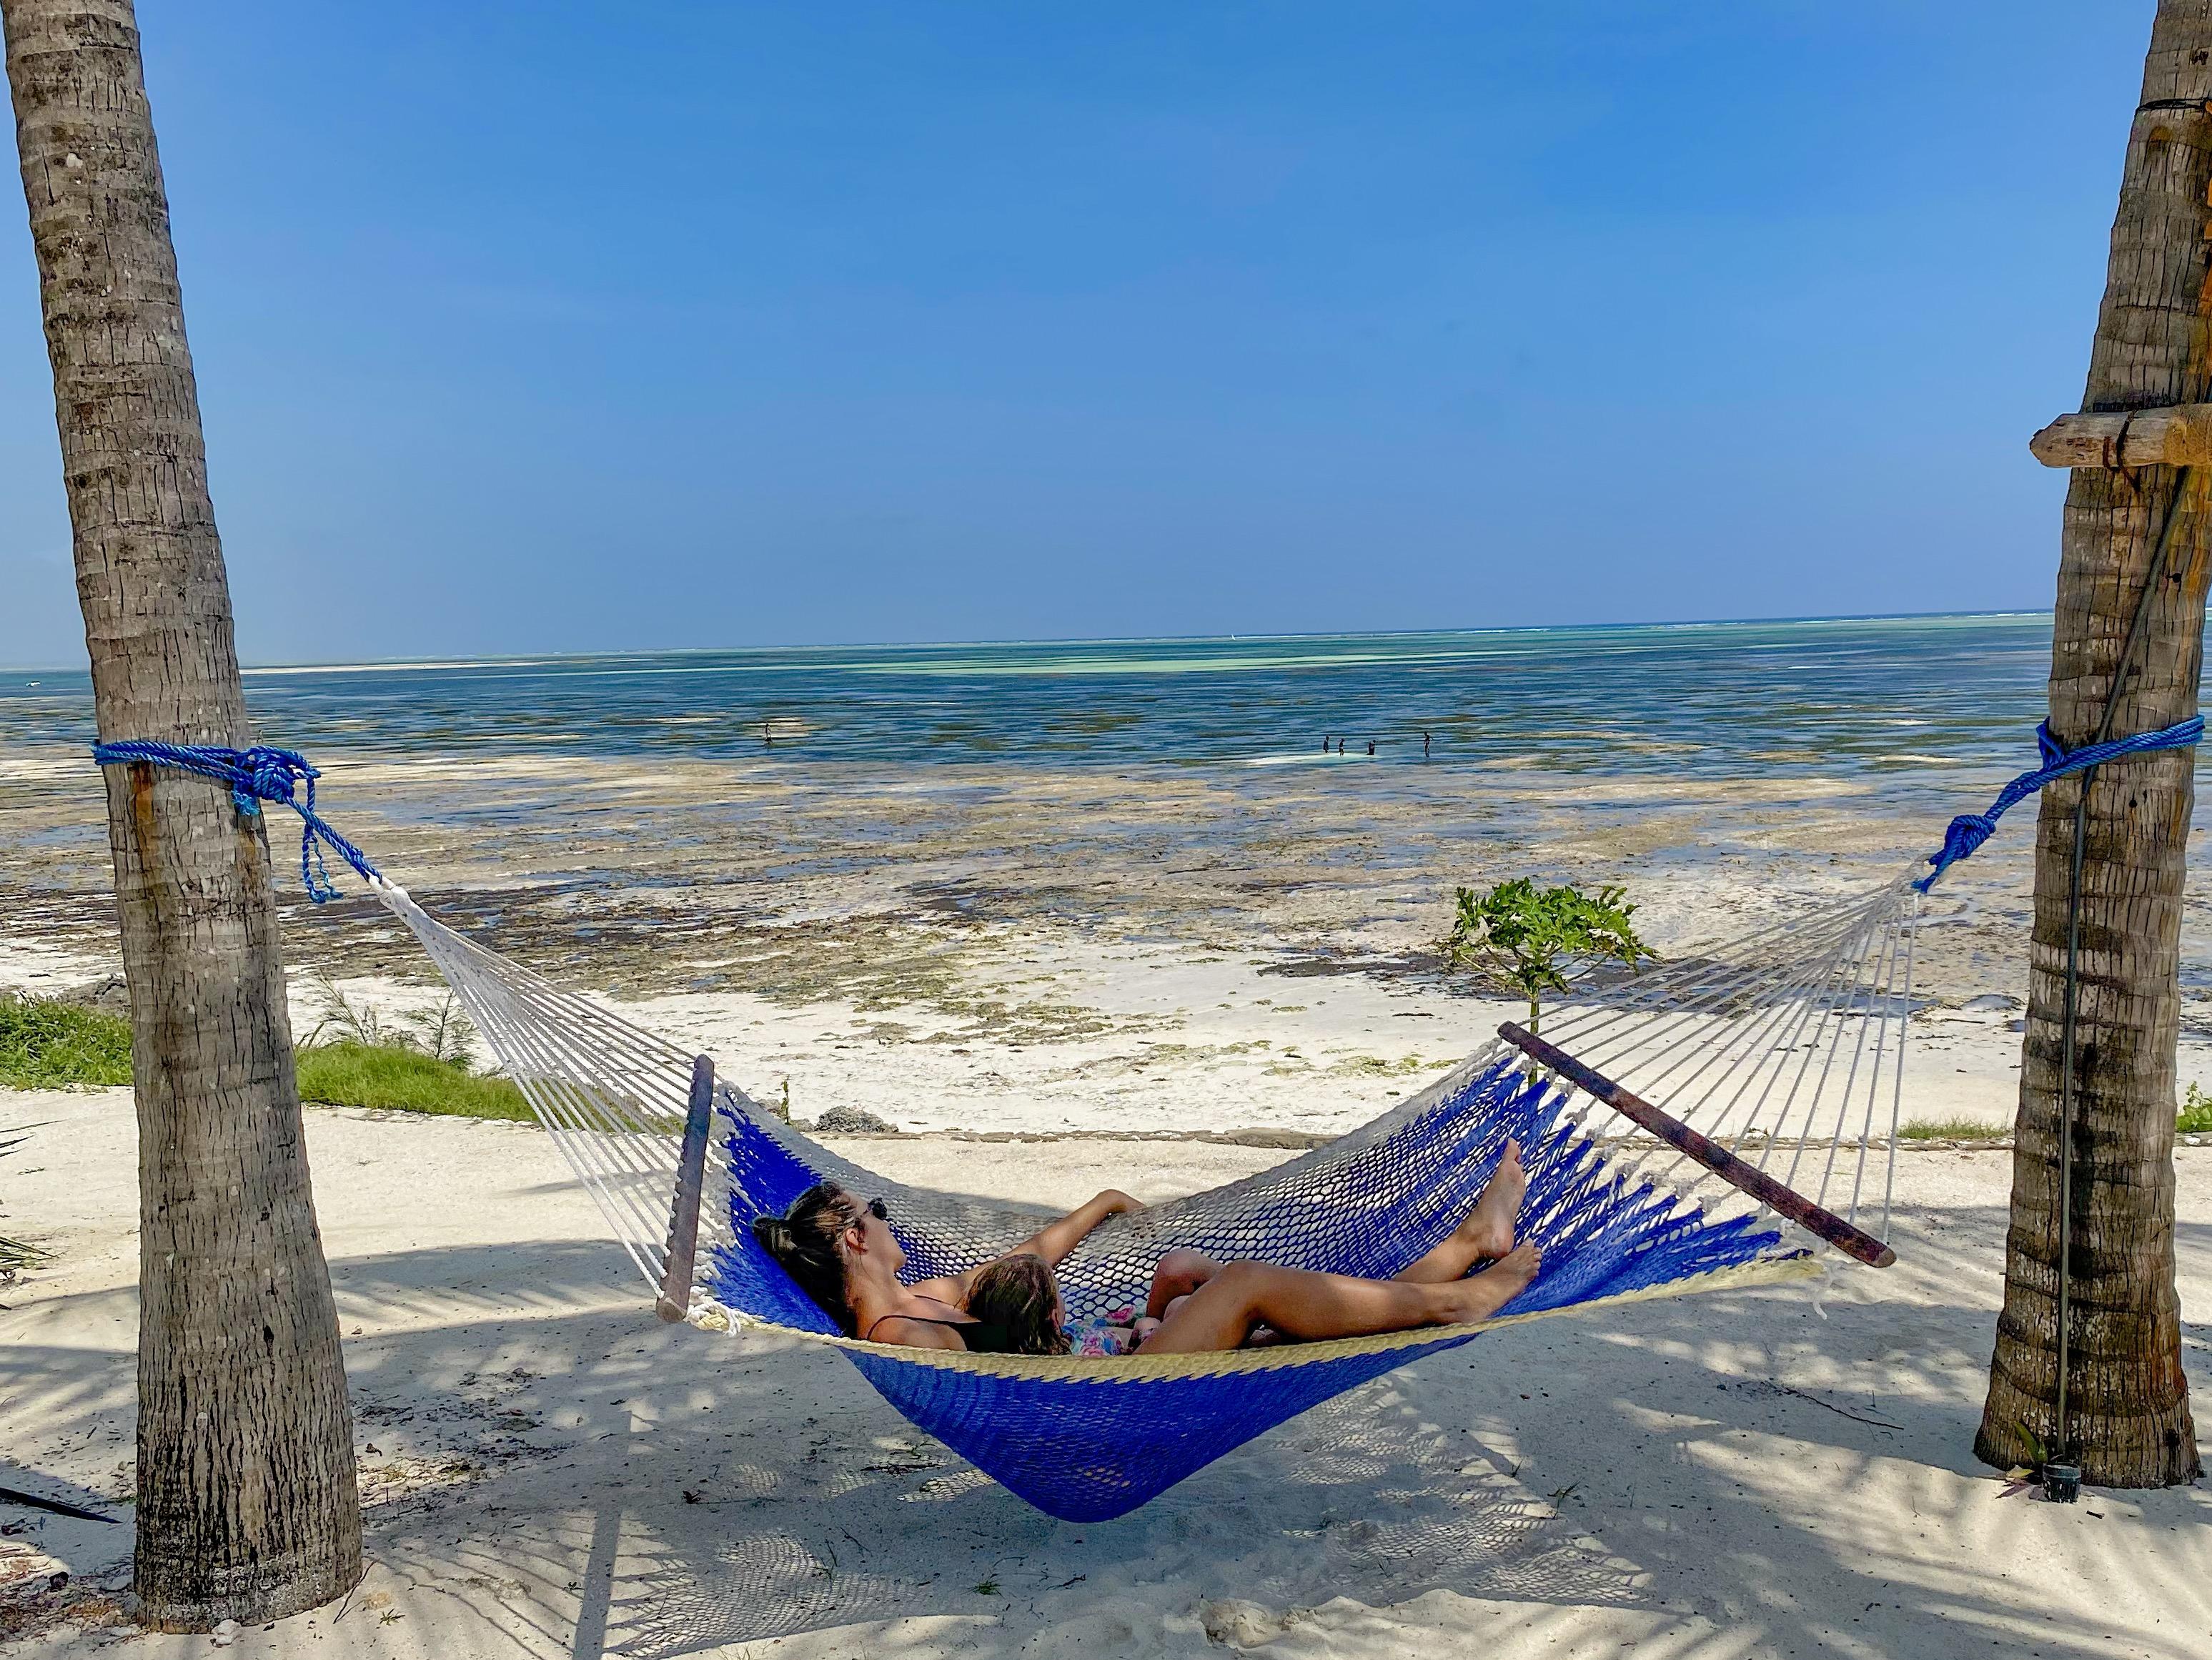 melhores praias de zanzibar - nungwi Beach